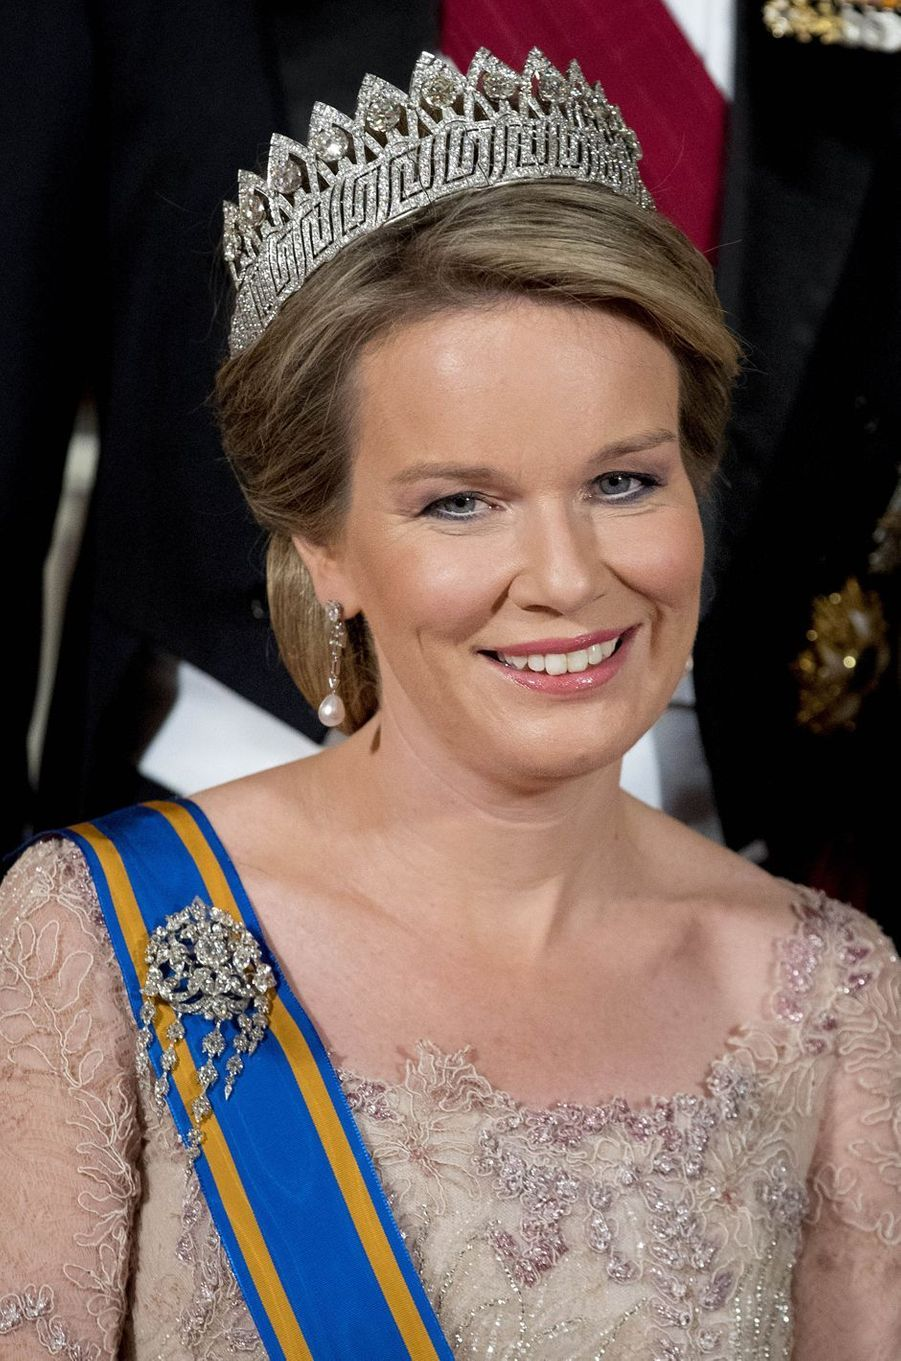 La reine Mathilde de Belgique parée du diadème des Neuf Provinces à Amsterdam, le 28 novembre 2016